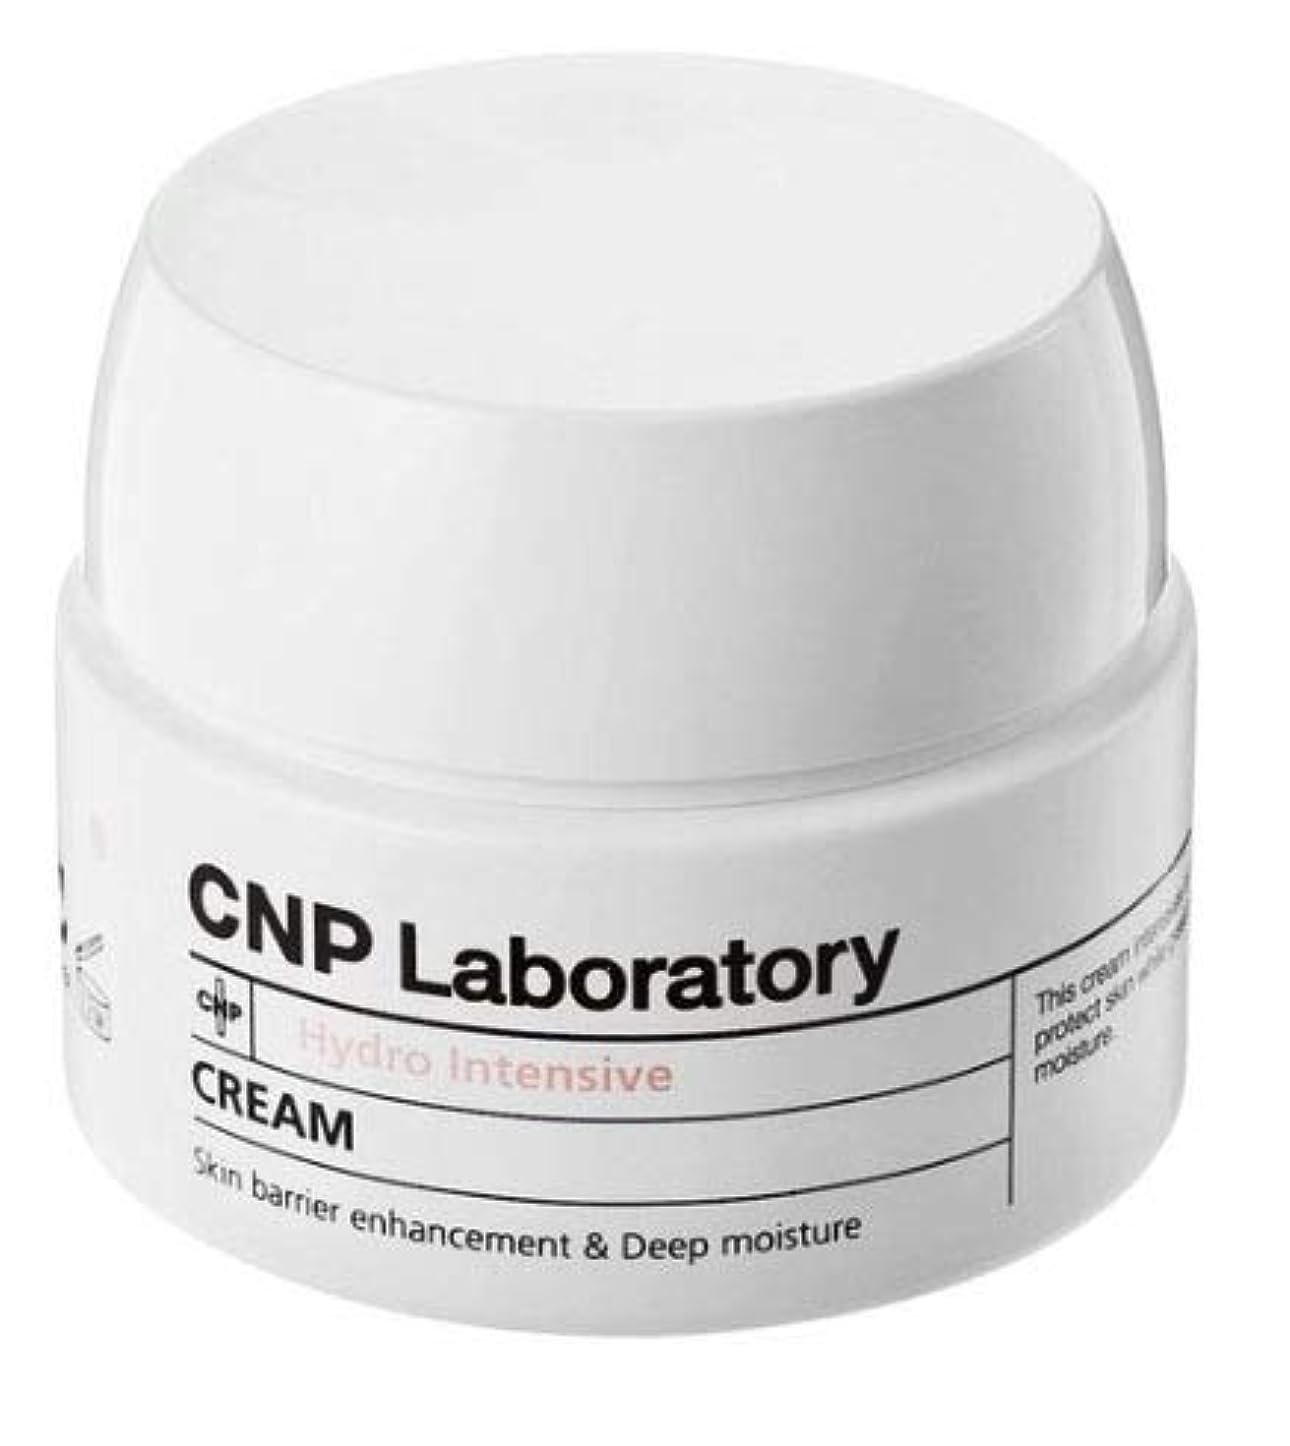 省愛情深い金銭的なCNPハイドロインテンシブクリーム50ml水分クリーム韓国コスメ、CNP Hydro Intensive Cream 50ml Korean Cosmetics [並行輸入品]